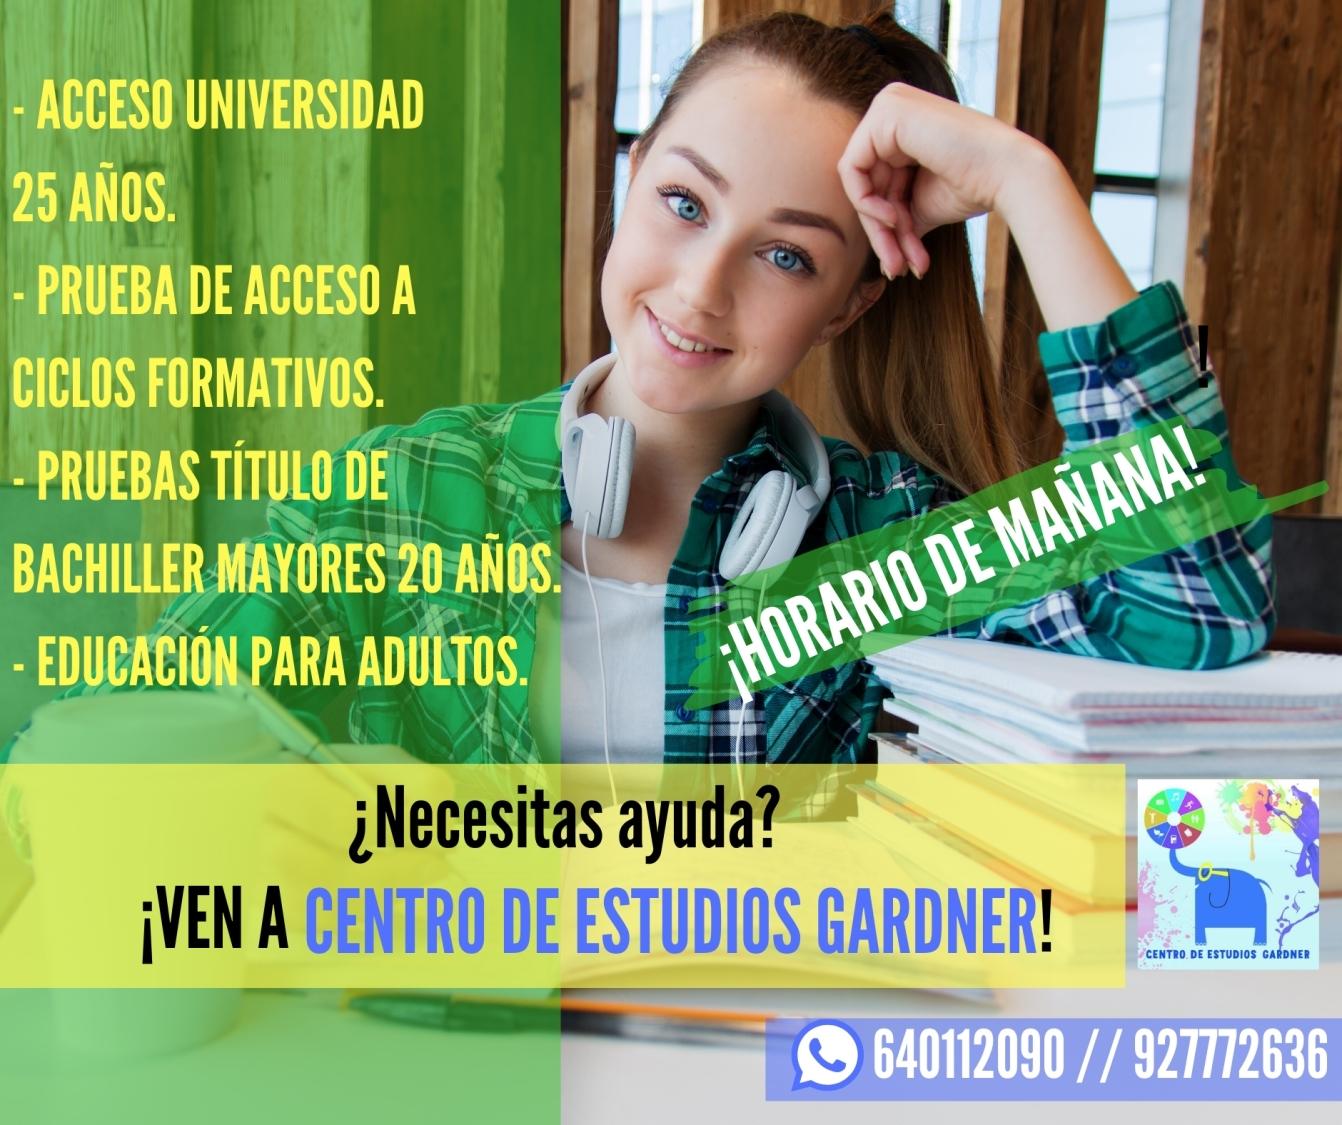 Acceso a la universidad, acceso a grado medio y educación para adultos